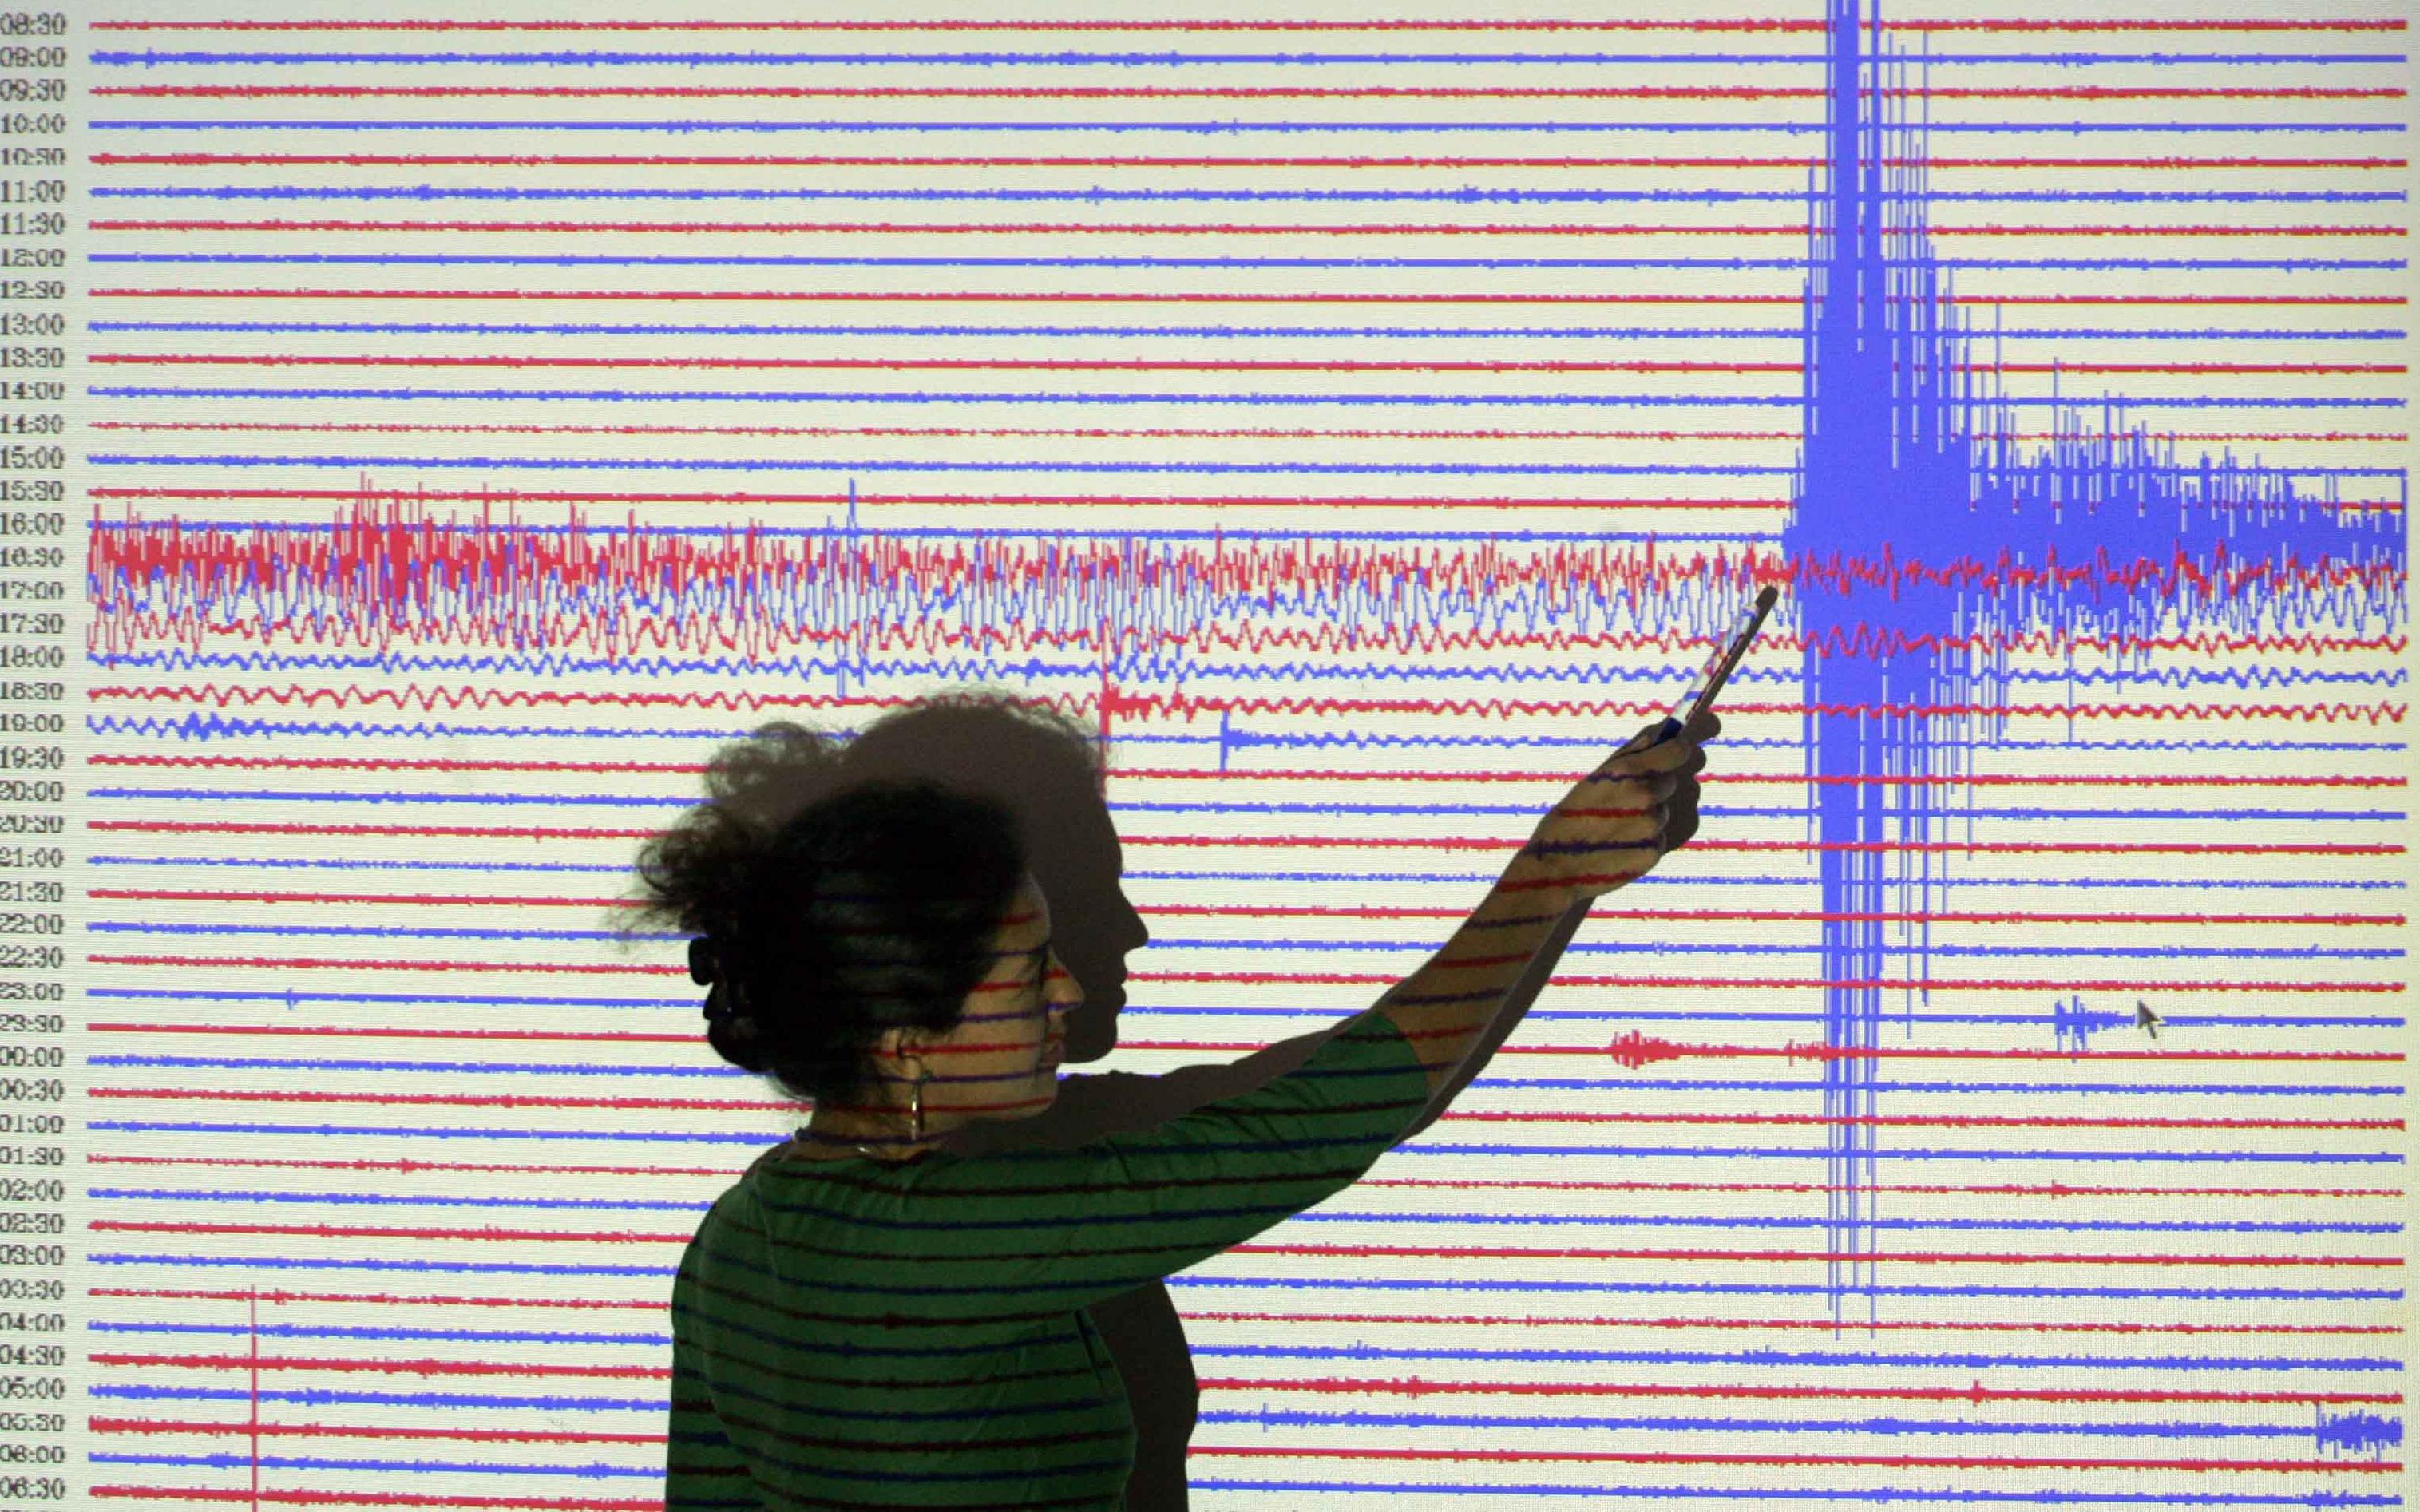 Ισχυρή σεισμική δόνηση 7 βαθμών στην Ινδονησία | tovima.gr